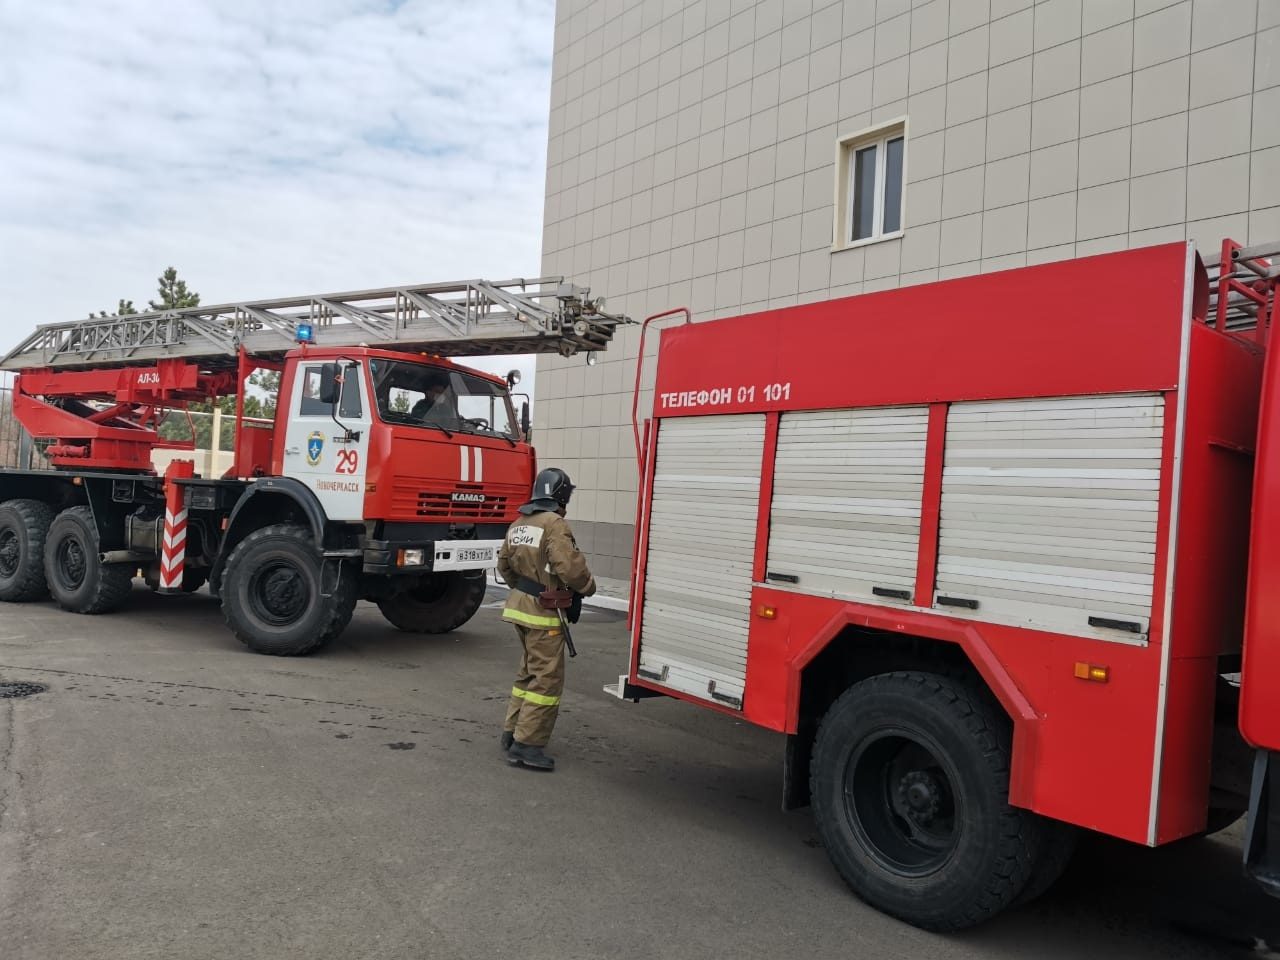 Тренировка по эвакуации прошла в спортивном комплексе г. Азова